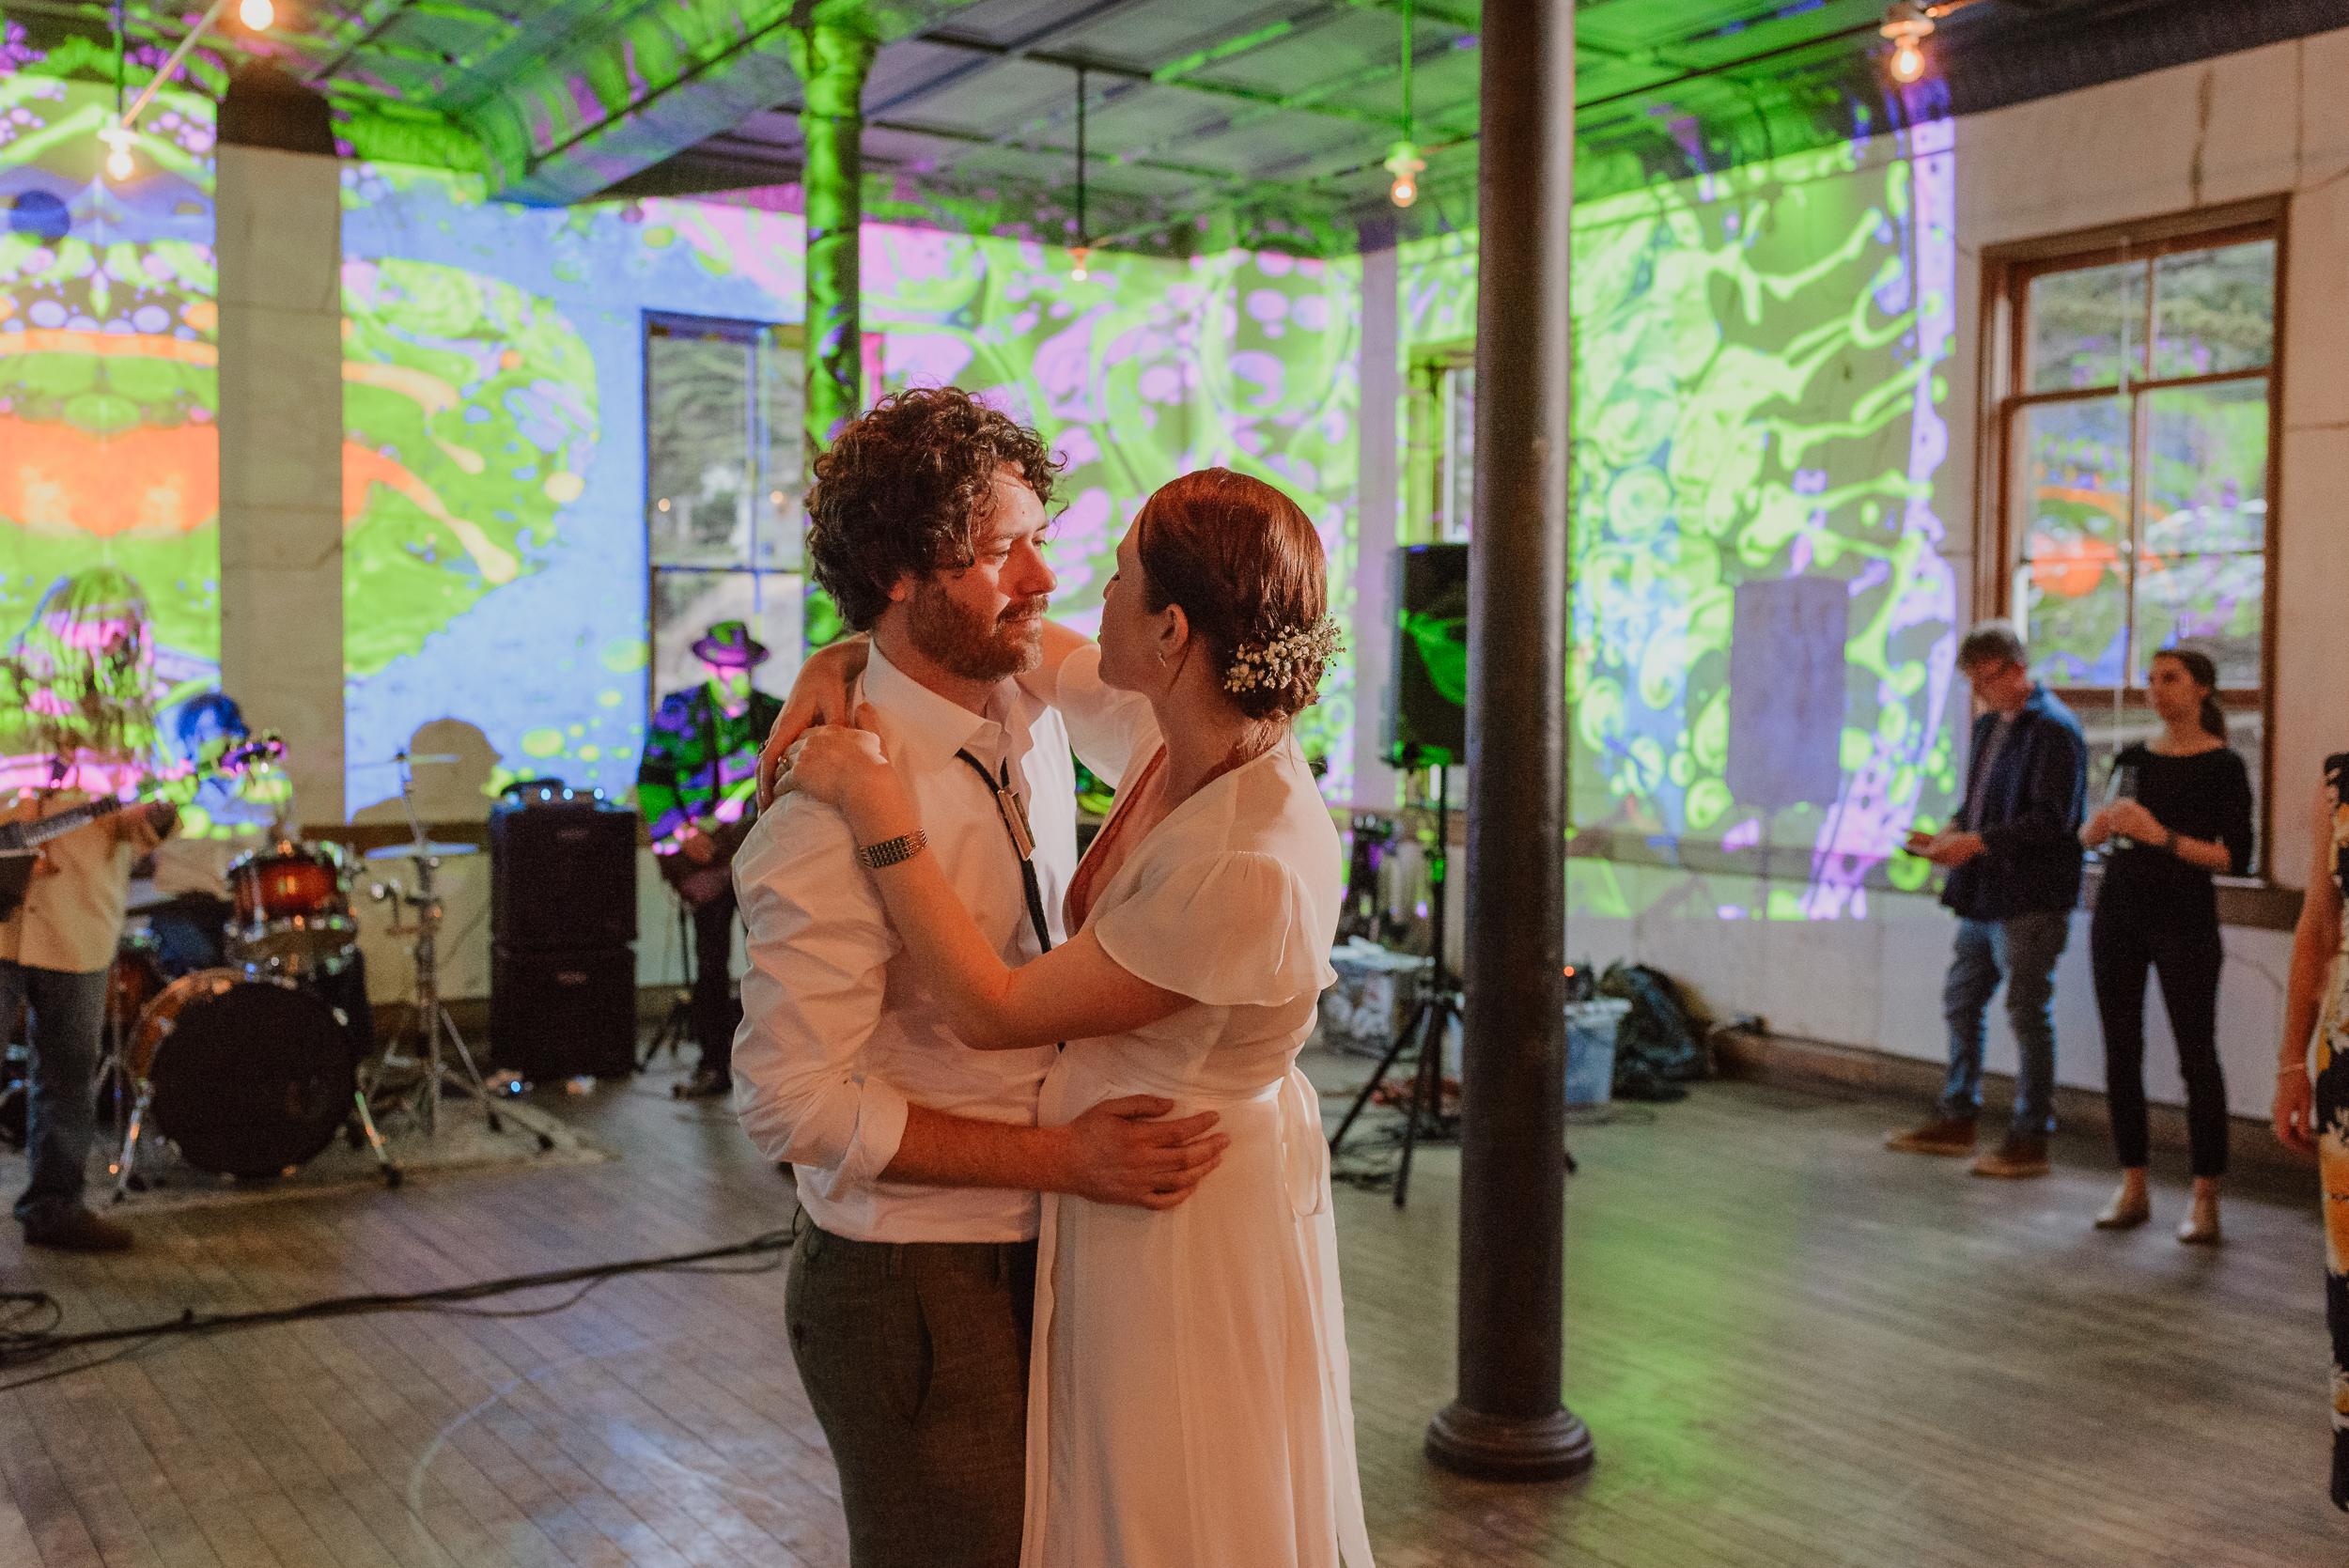 119-san-francisco-headlands-center-for-the-arts-wedding-vivianchen-638.jpg